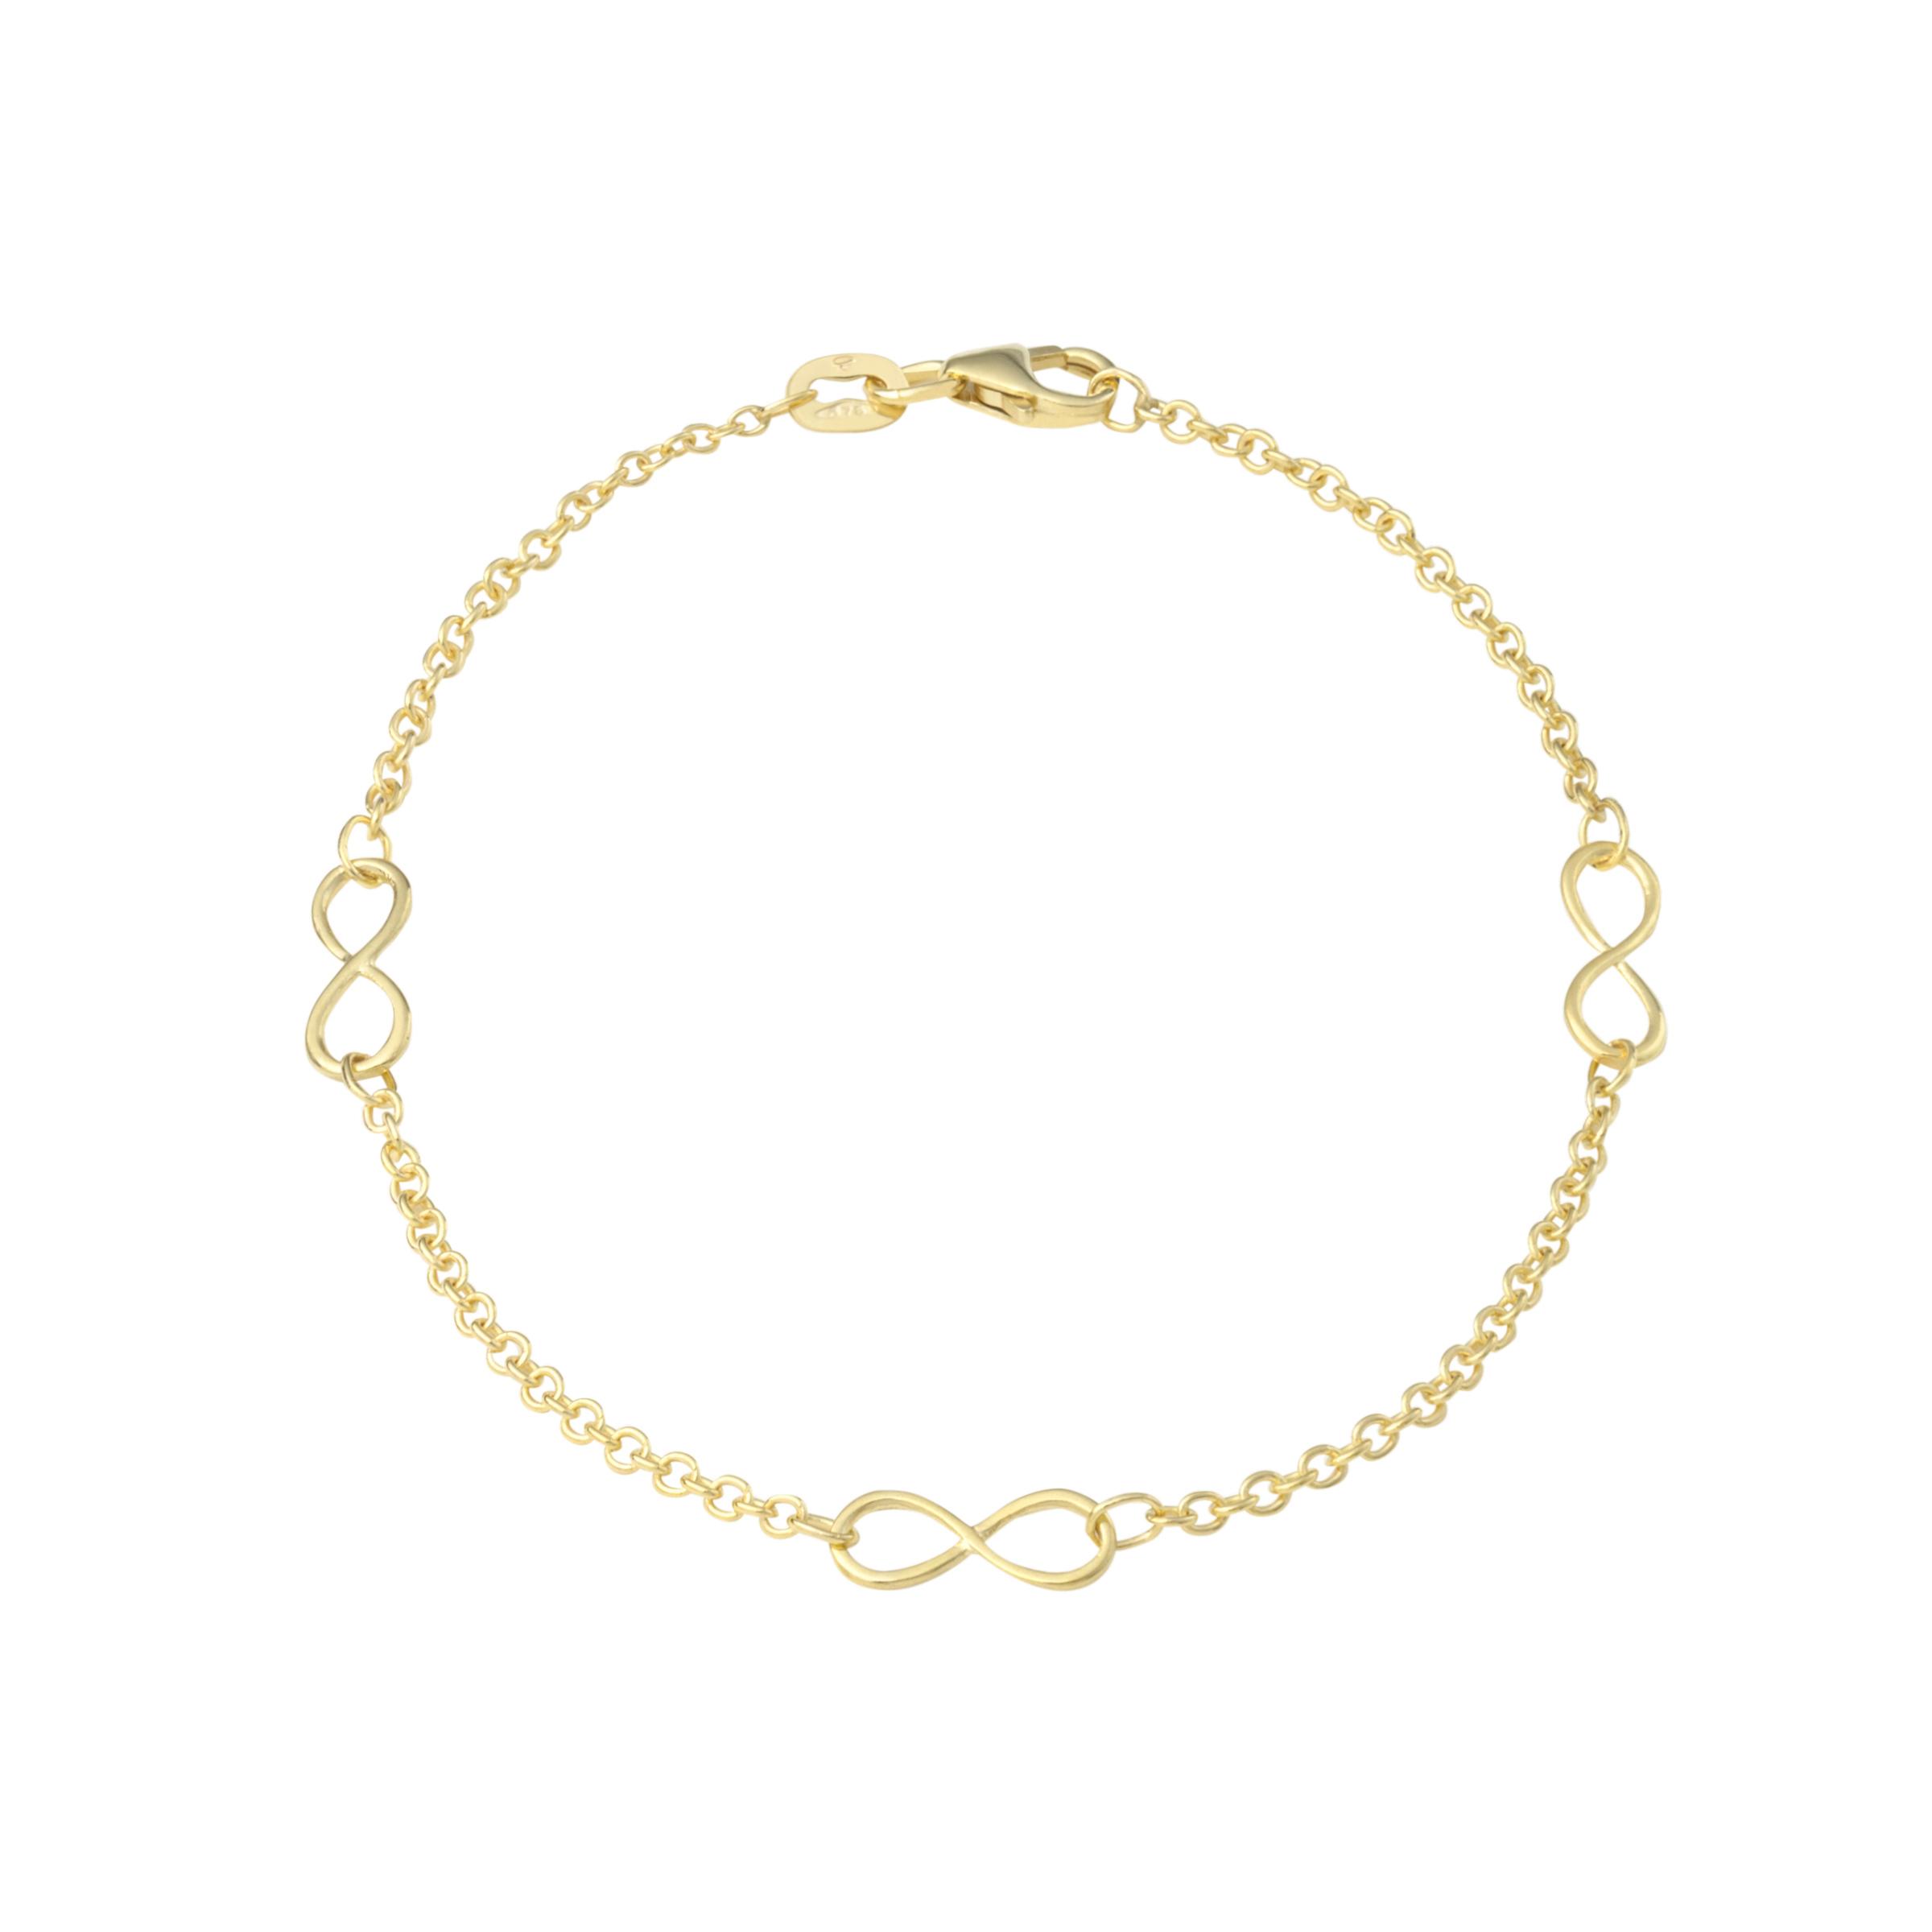 Armband für Damen, Gold 375, Infinity